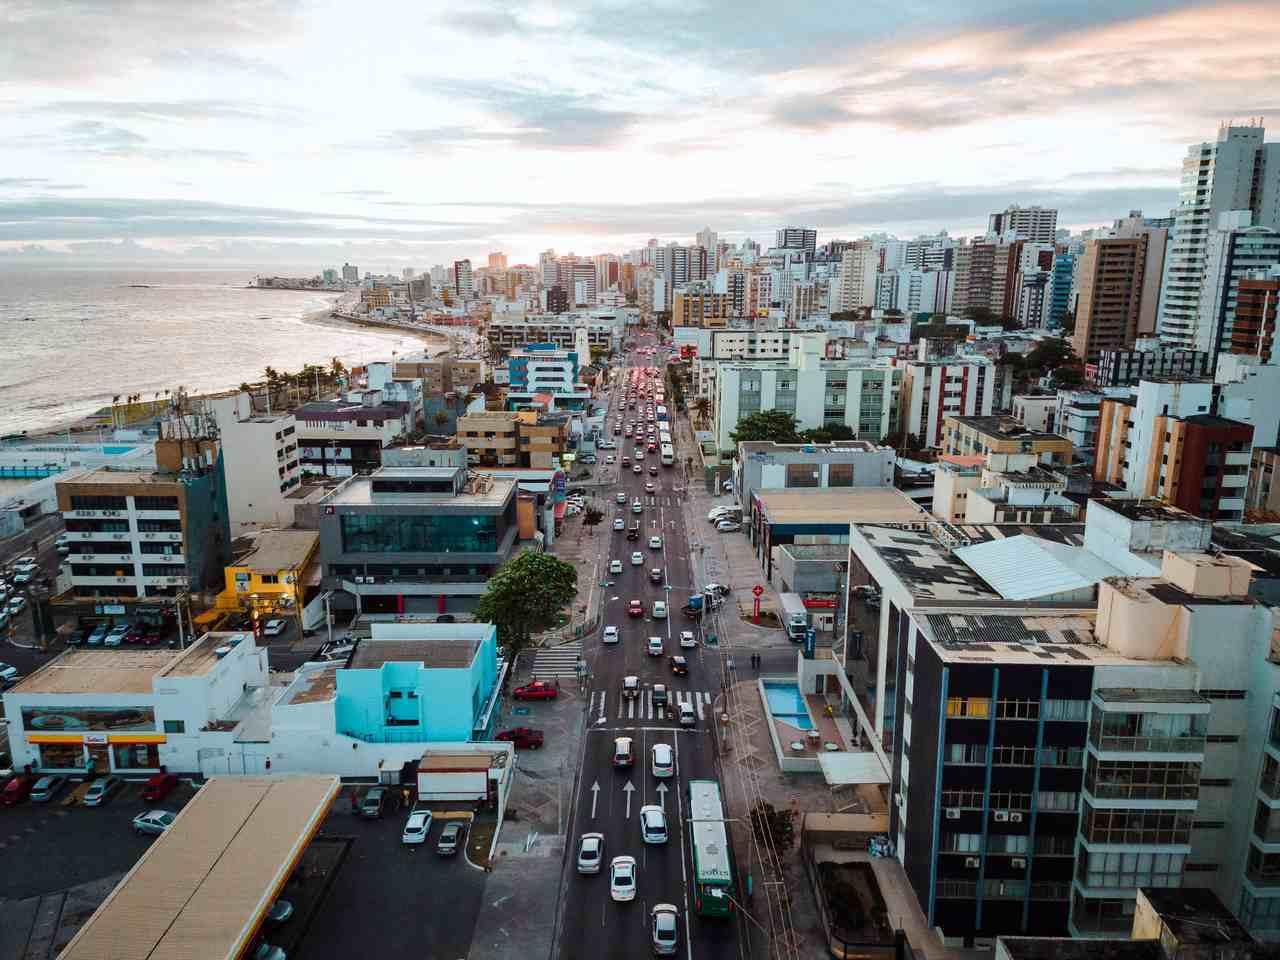 Cidades que encantaram o Zul Digital